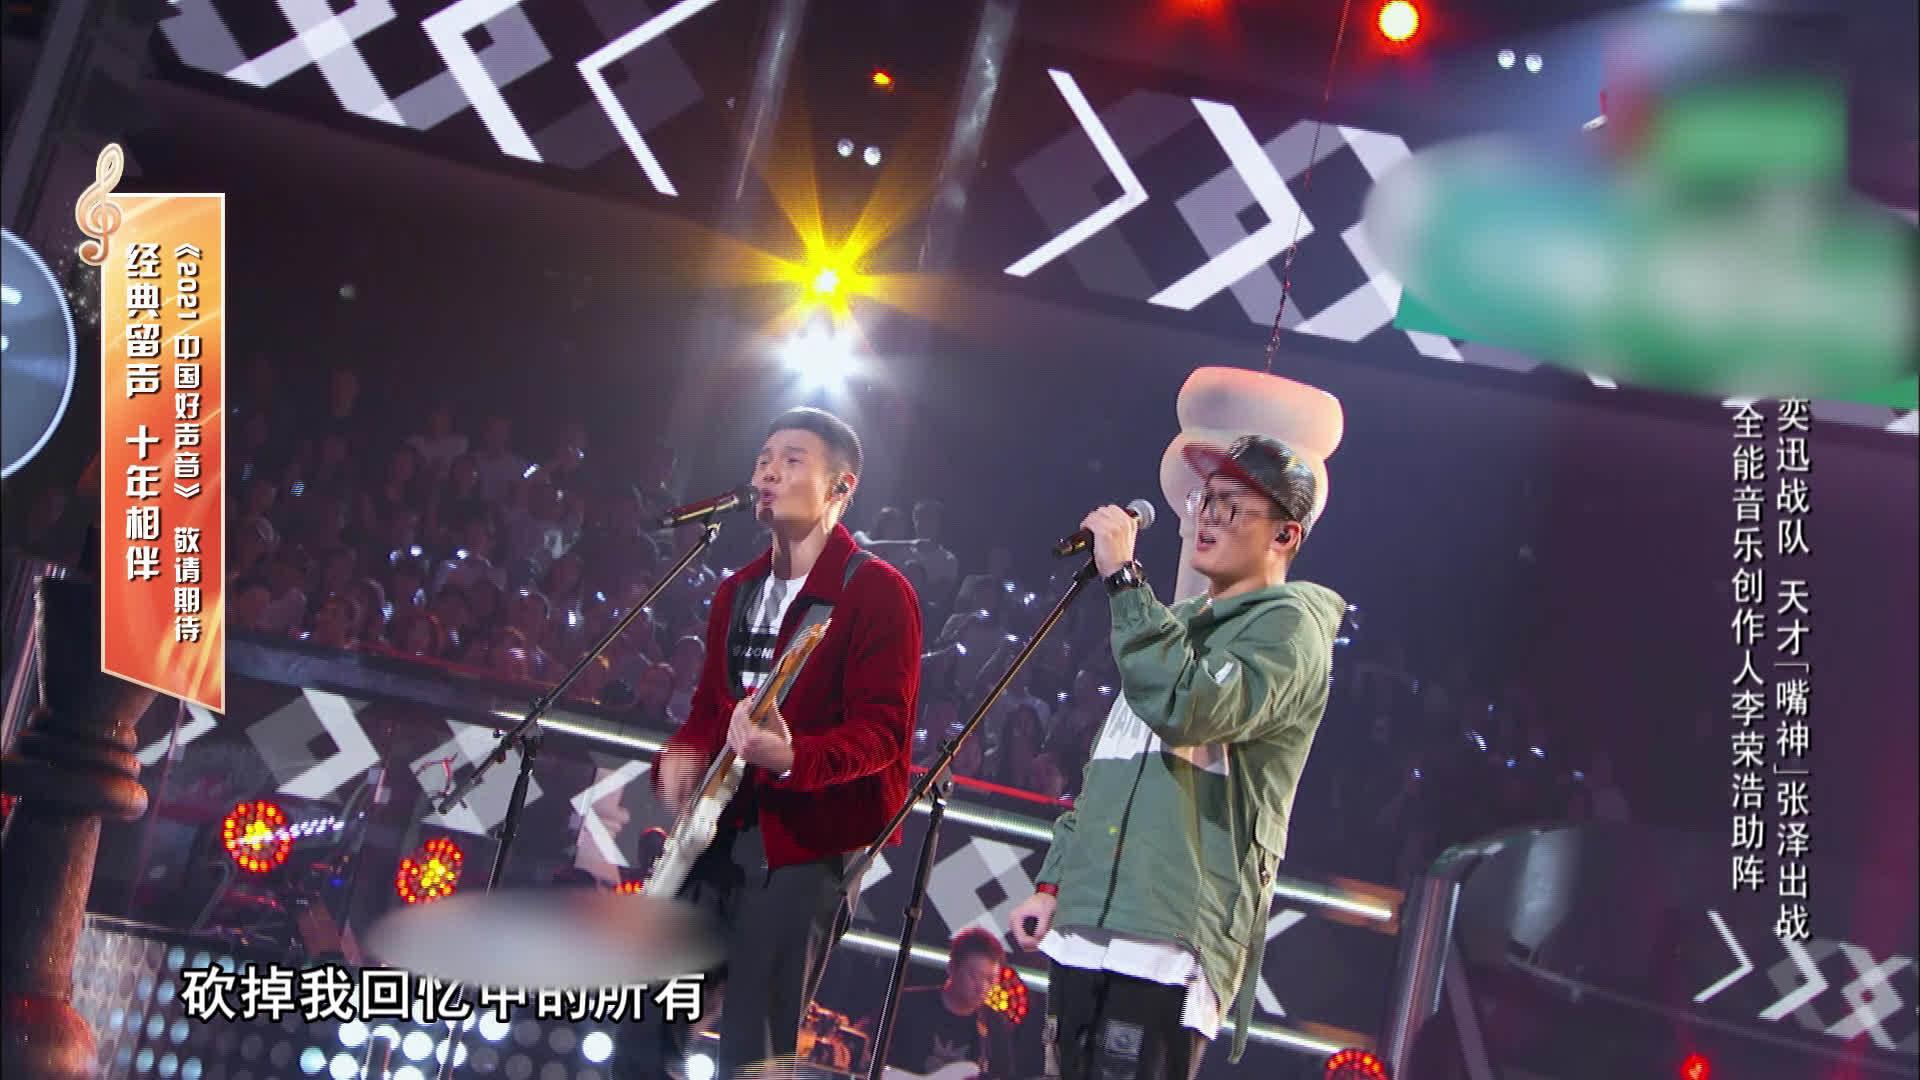 全能音乐创作人@李荣浩 助阵@Beatboxer张泽 ……